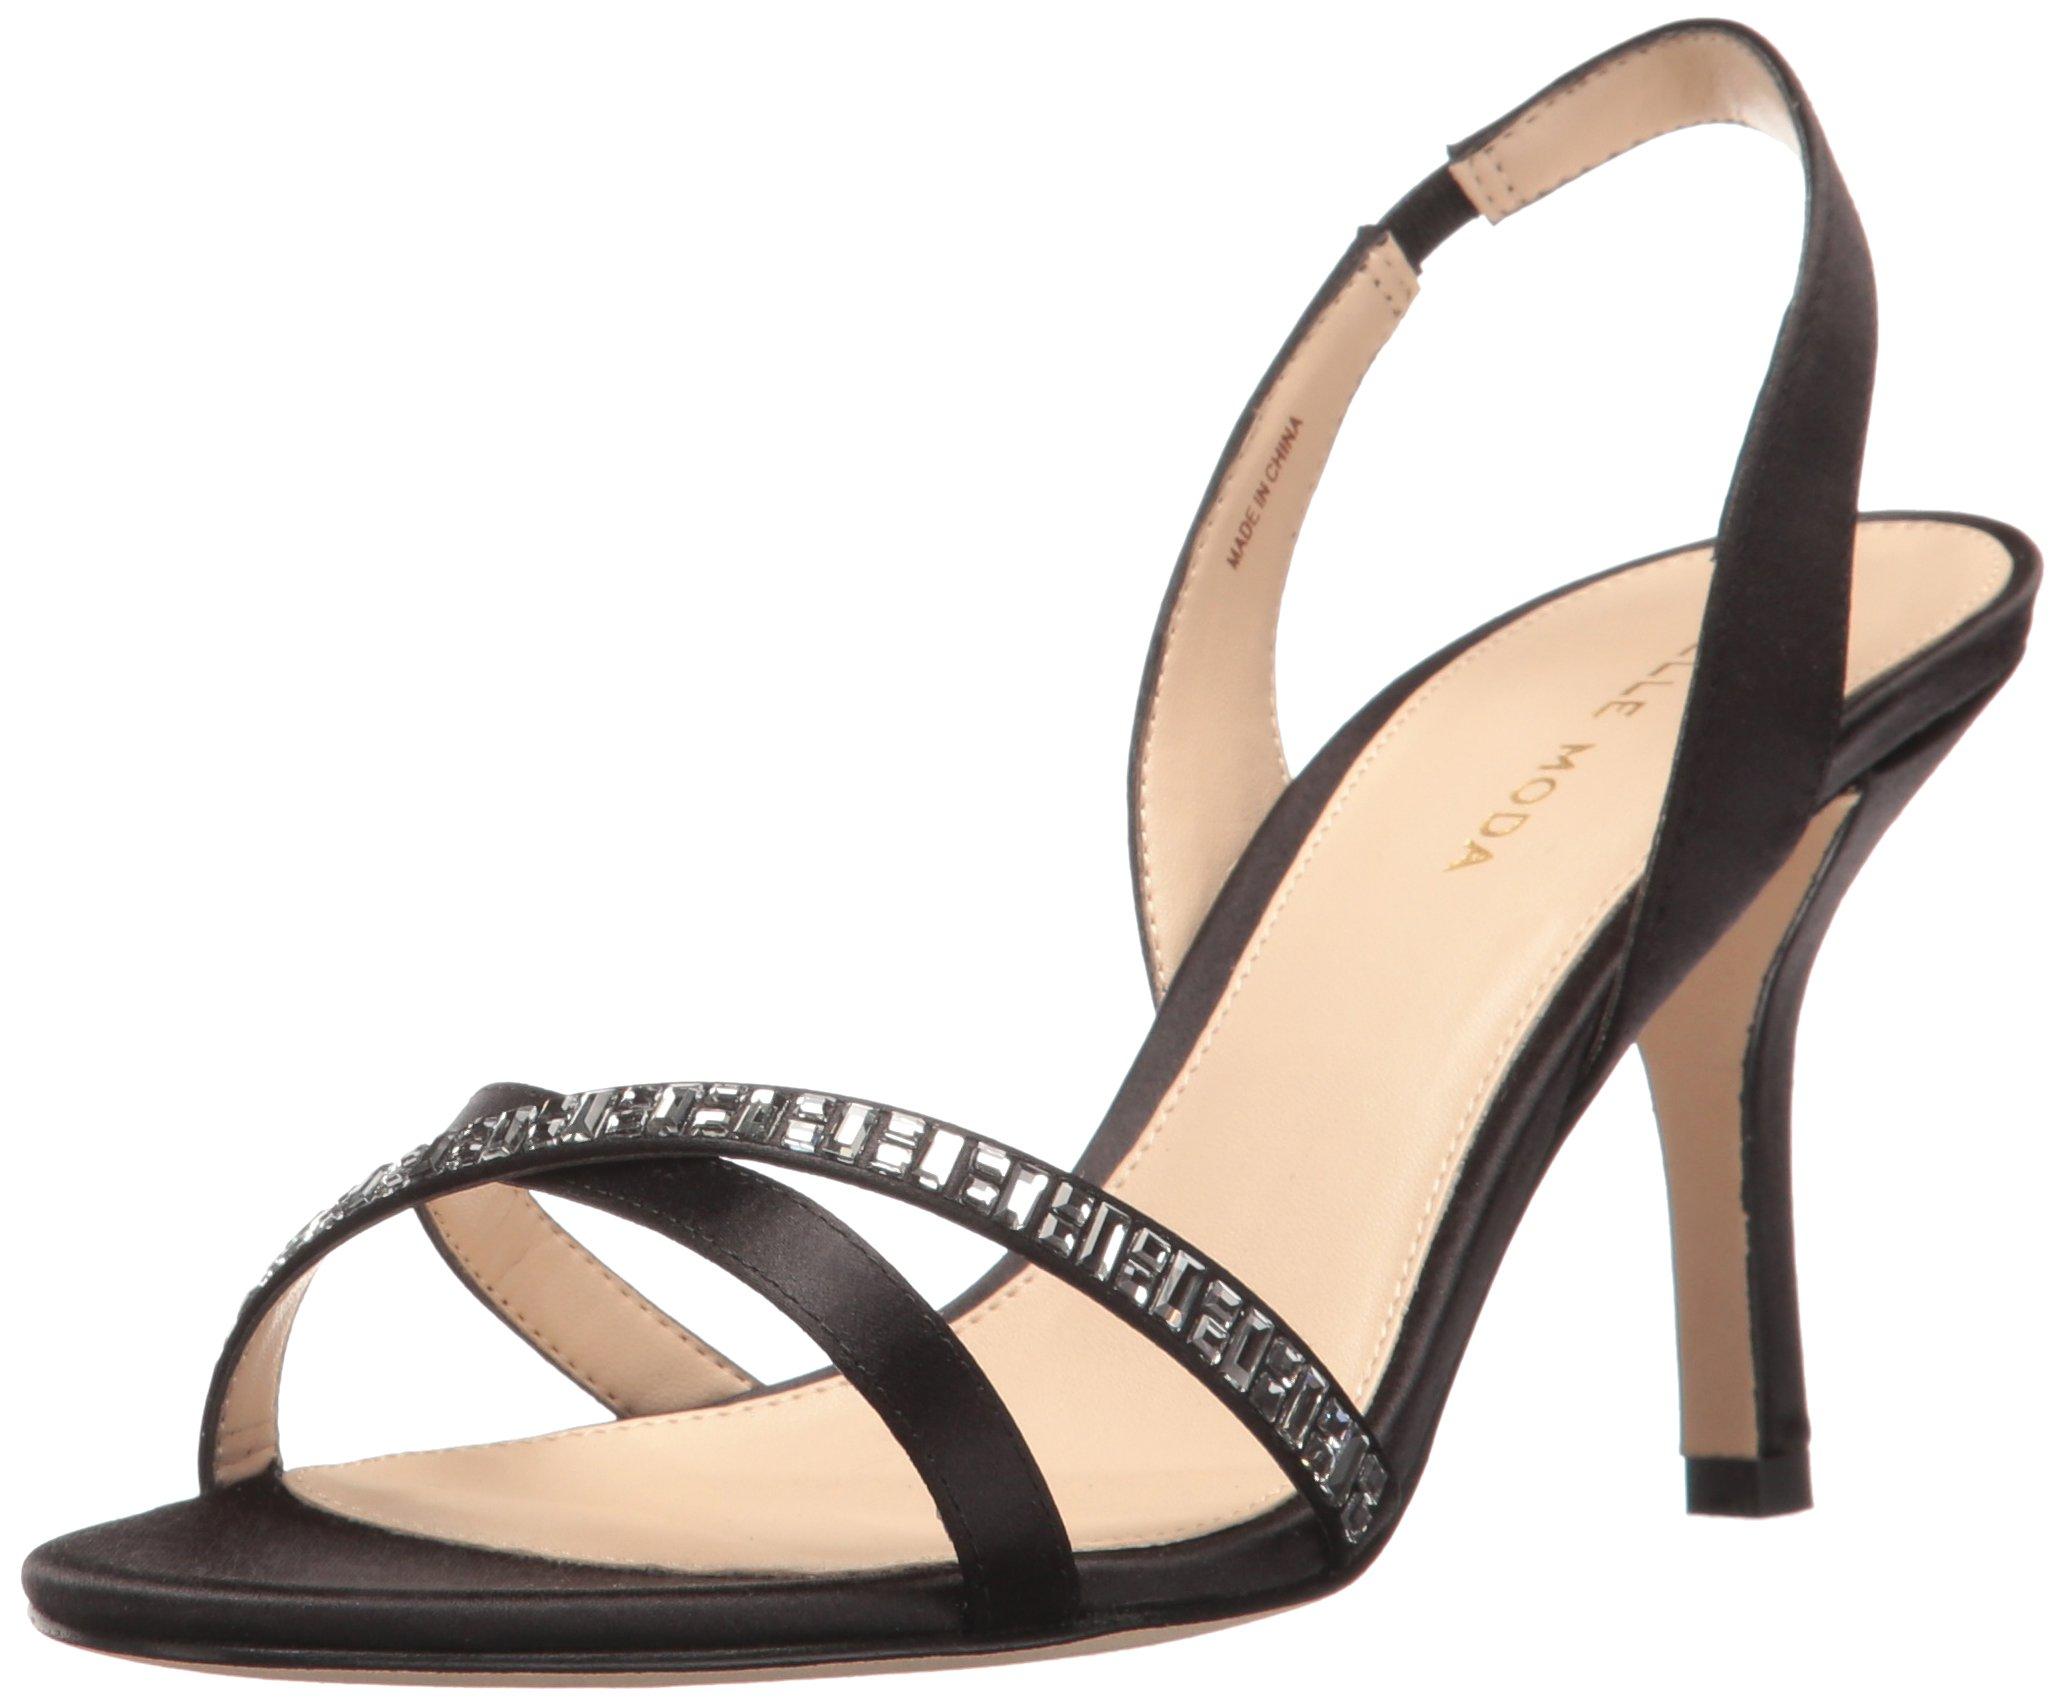 Pelle Moda Women's Inna Dress Sandal, Black, 6.5 B US